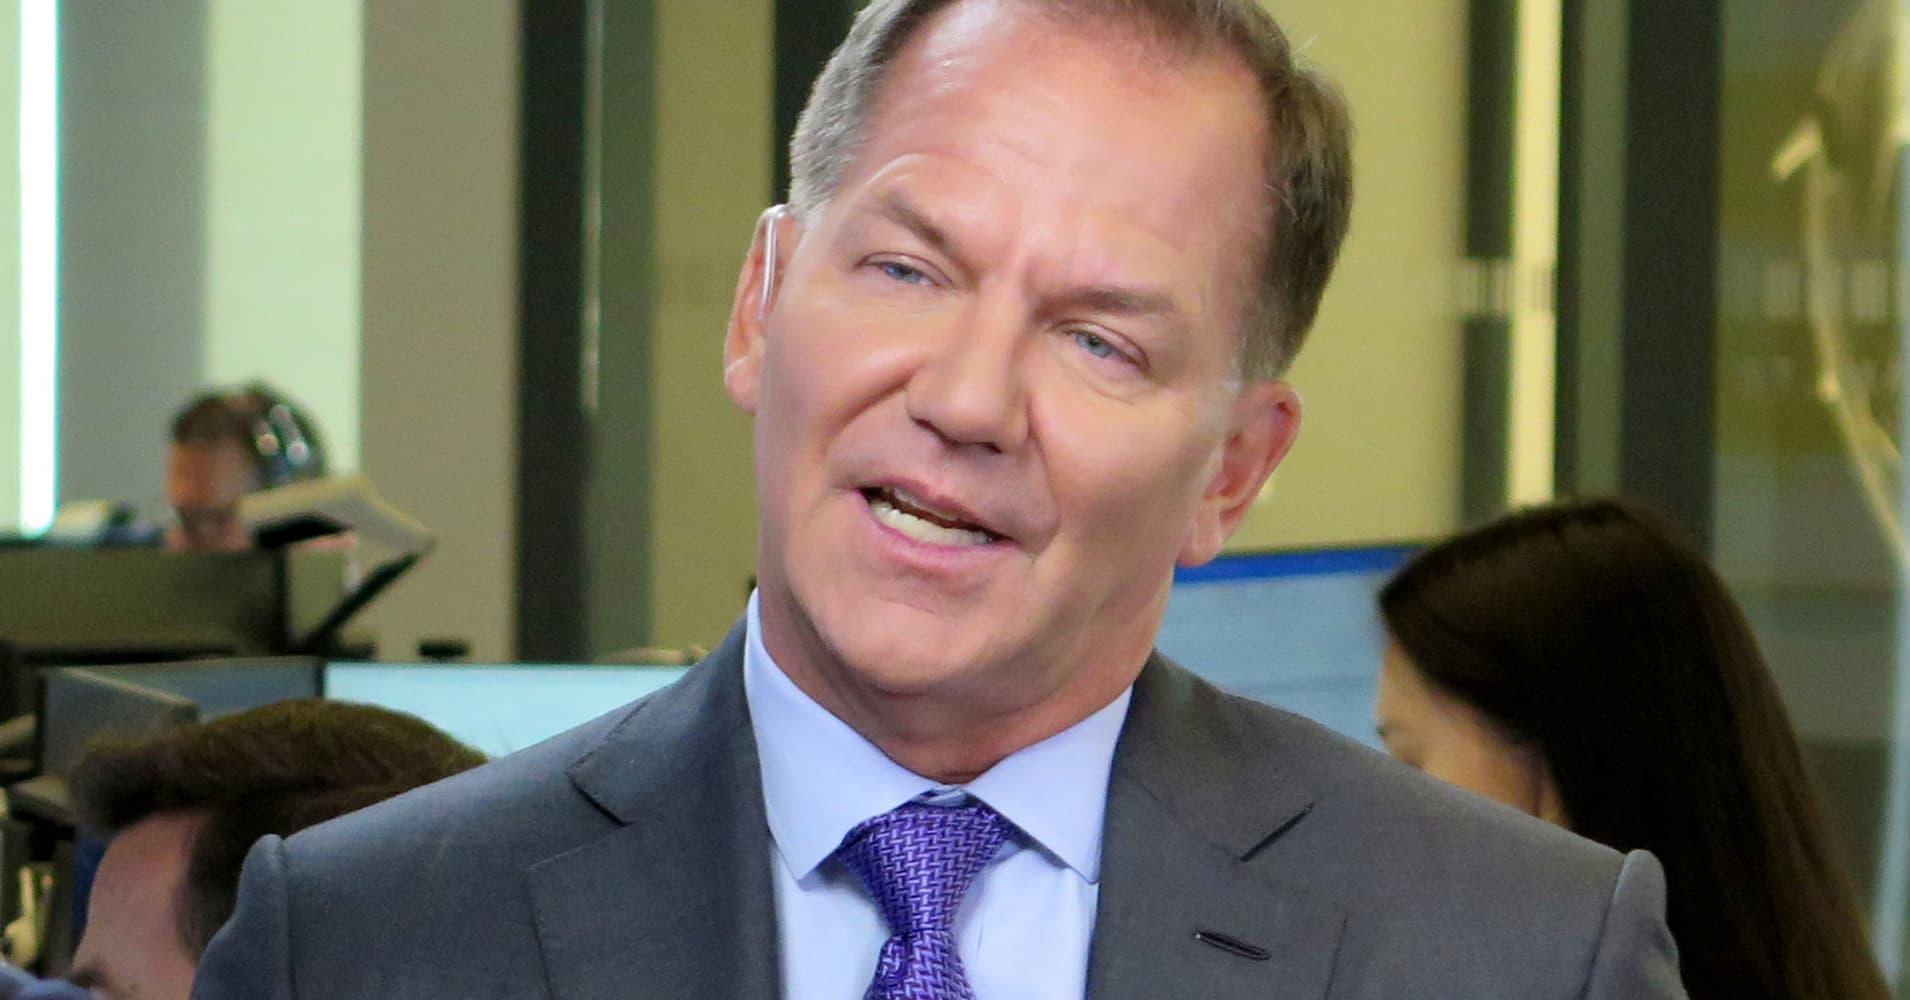 Hedge-fund legend Paul Tudor Jones: 'I'm very bullish on US stocks'